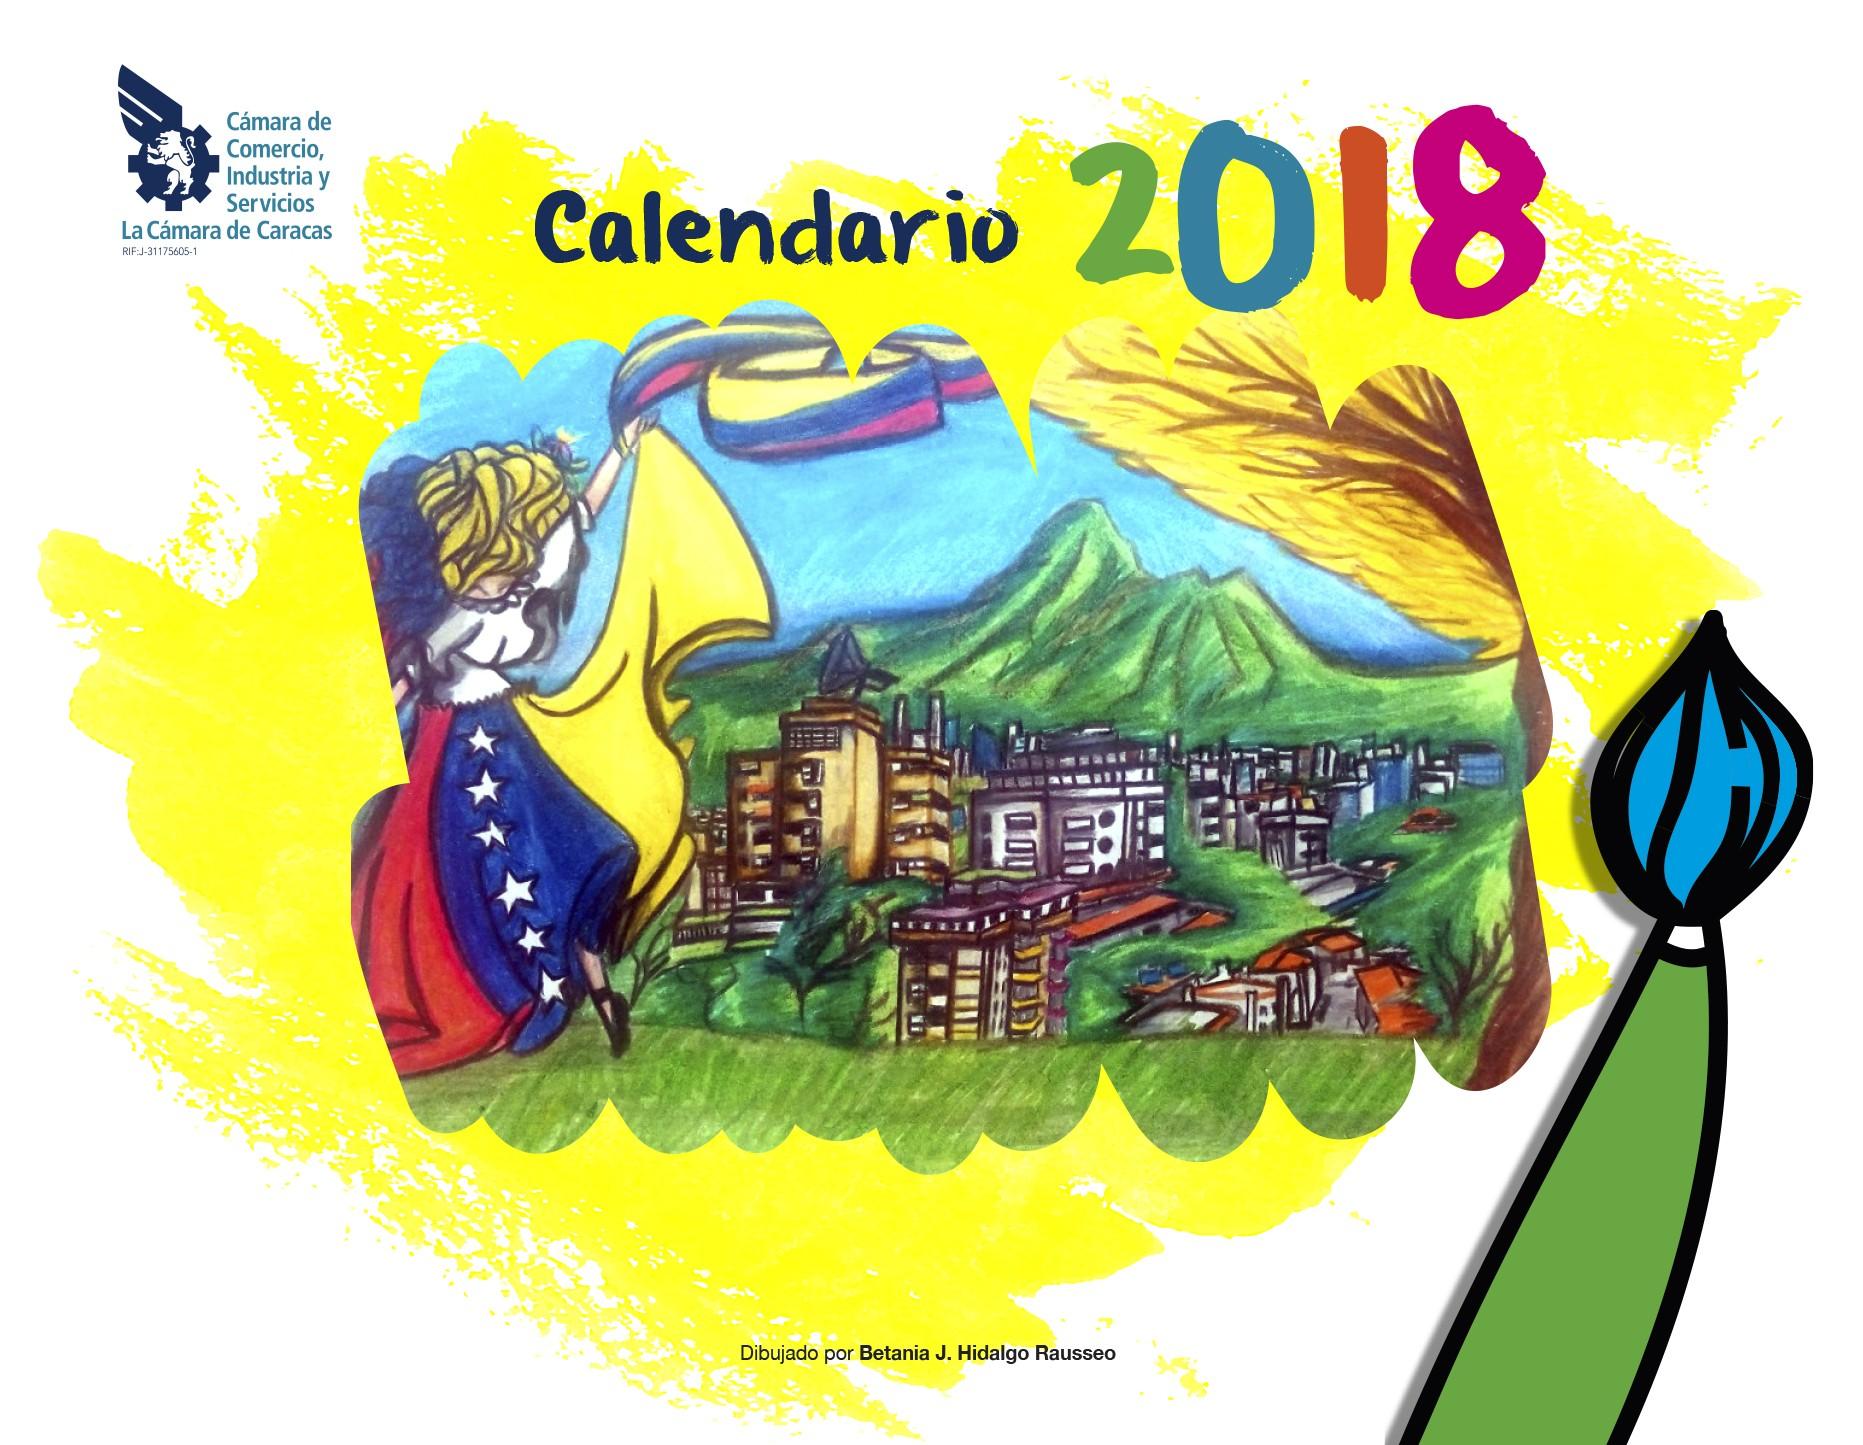 Calendario Enero 2019 Para Imprimir Con Dibujos Más Populares Descarga Nuestro Calendario 2018 Cámara De Caracas Of Calendario Enero 2019 Para Imprimir Con Dibujos Más Populares Más De 50 Cartas Para Enviar A Los Reyes Para Imprimir Y Descargar